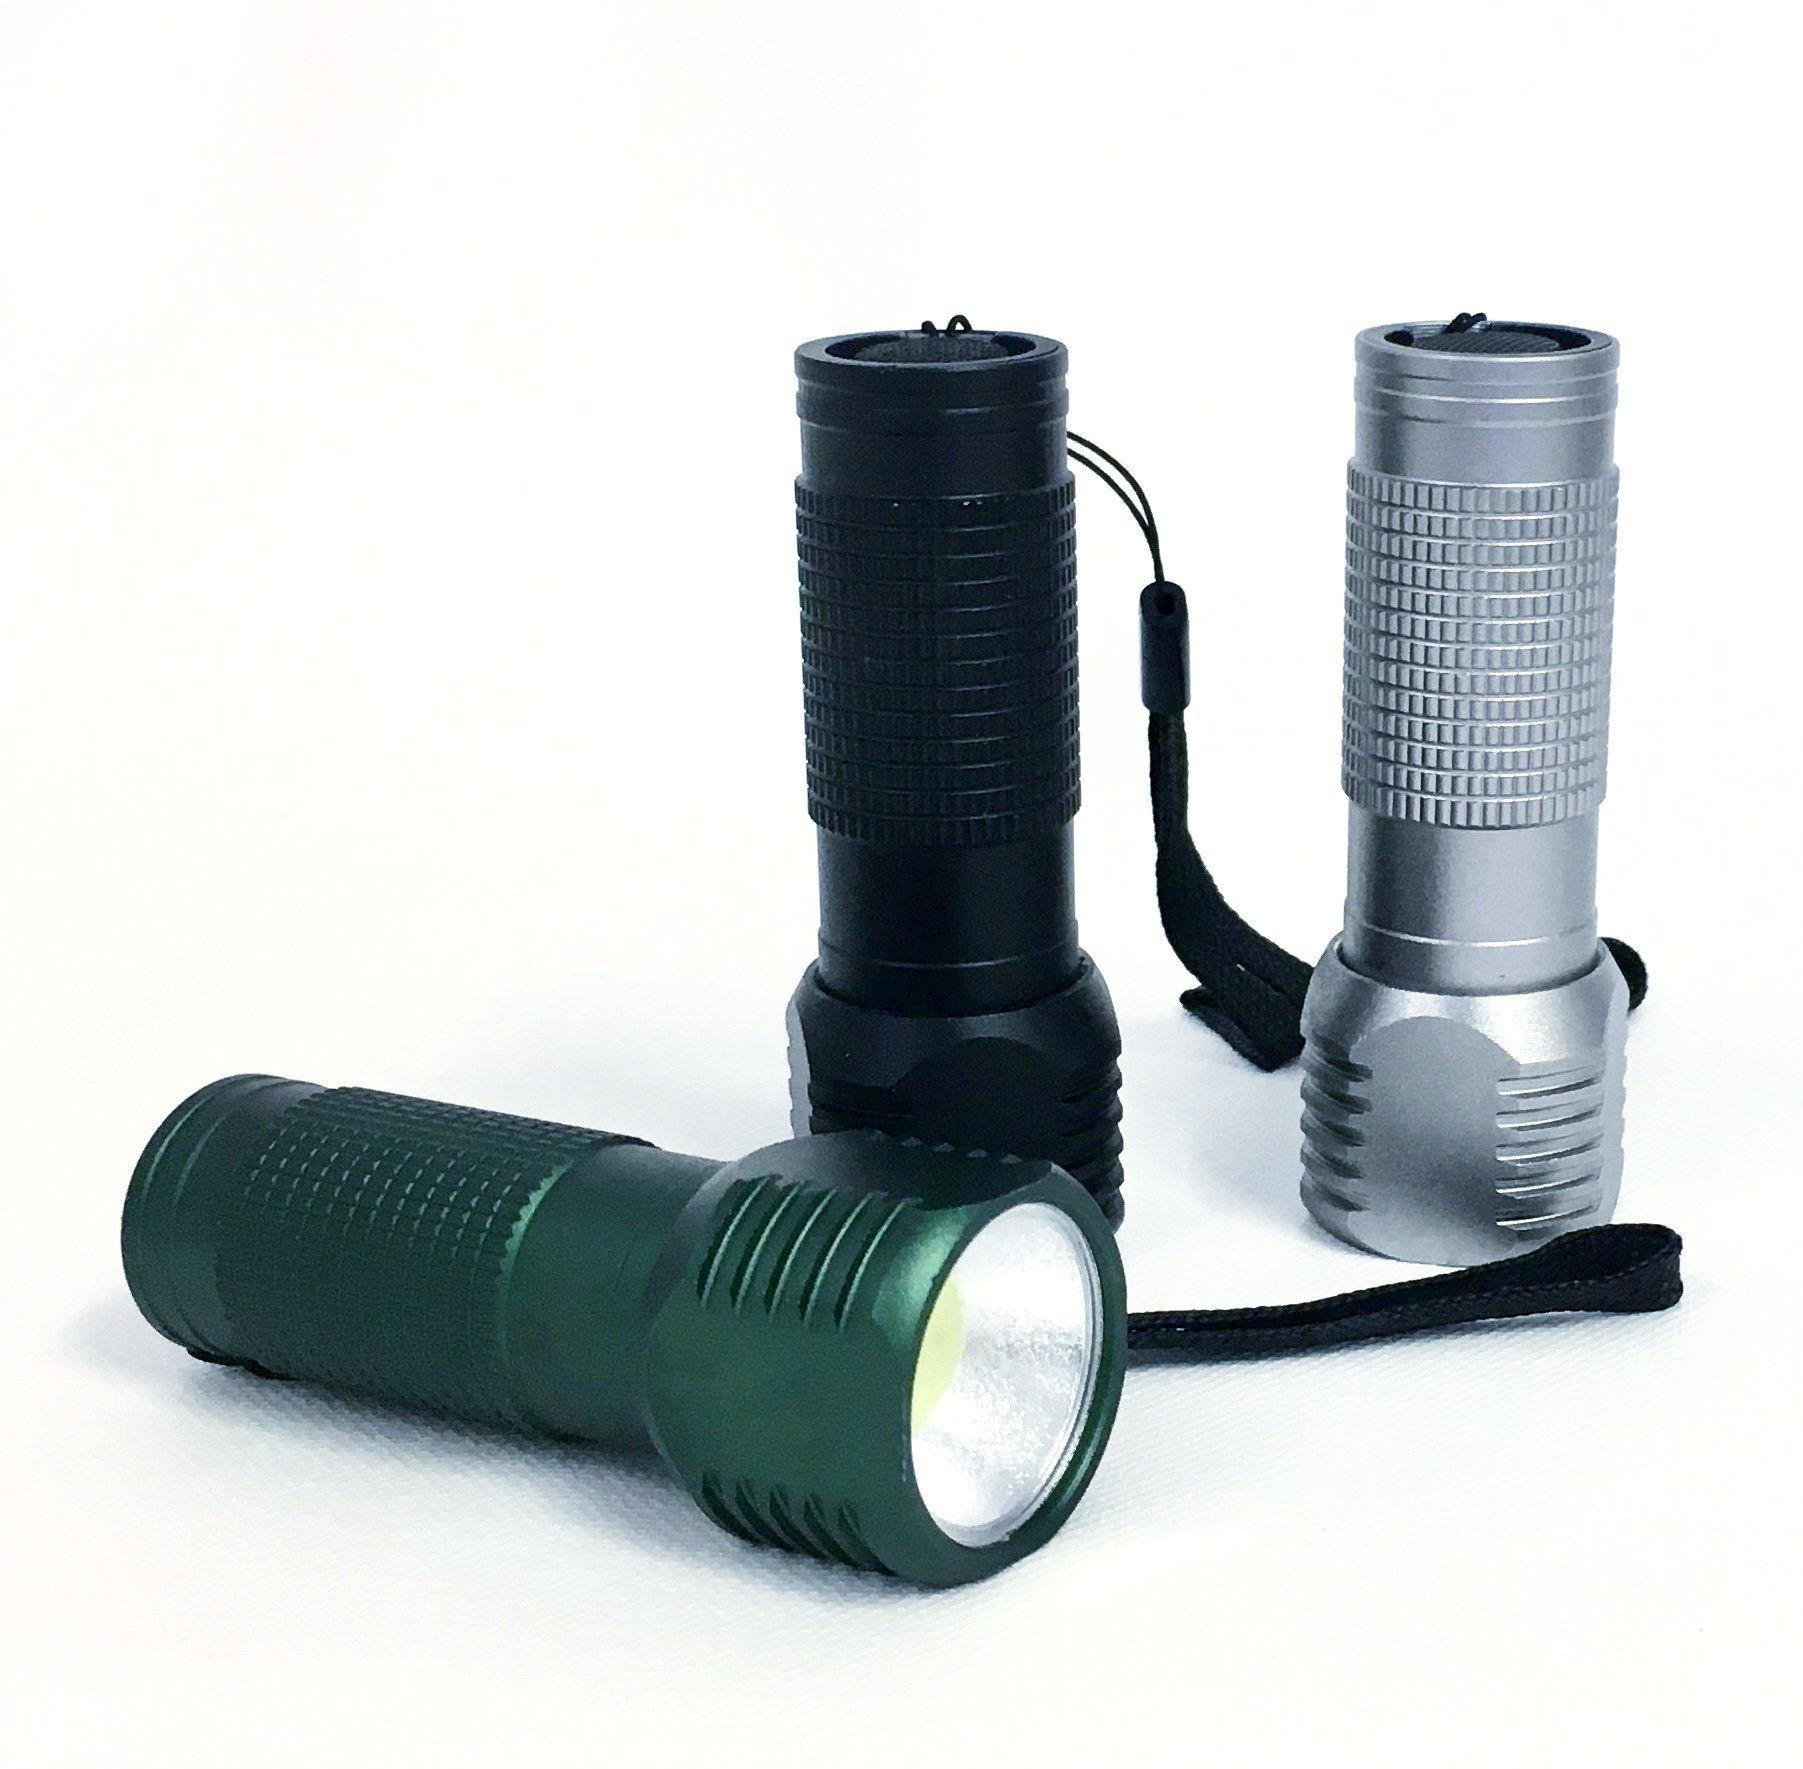 Mini LED lommelygte